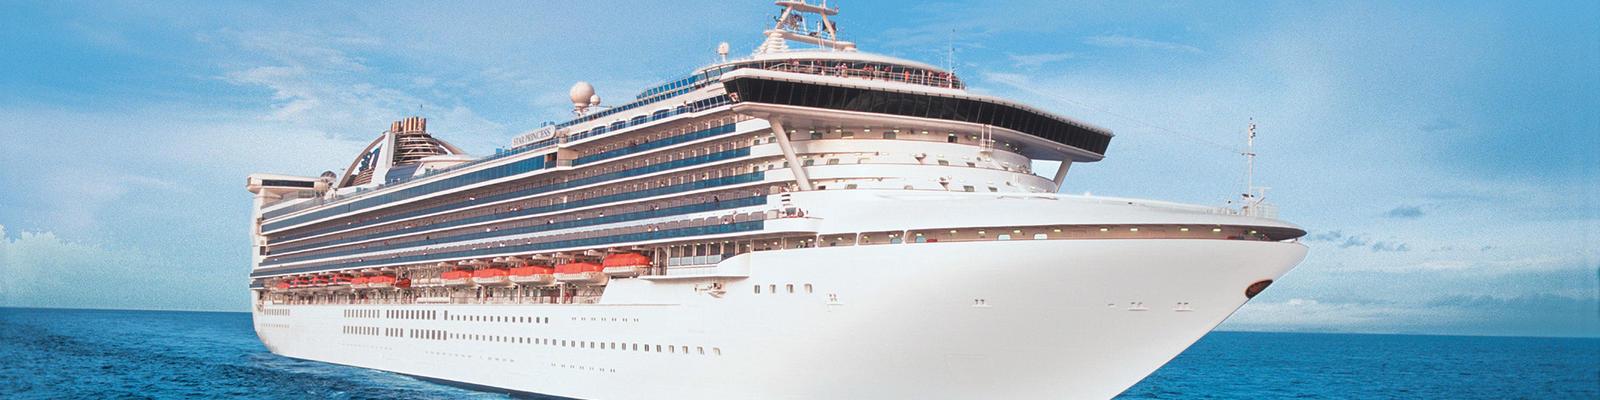 Star Princess Photo Princess Cruises Star Princess